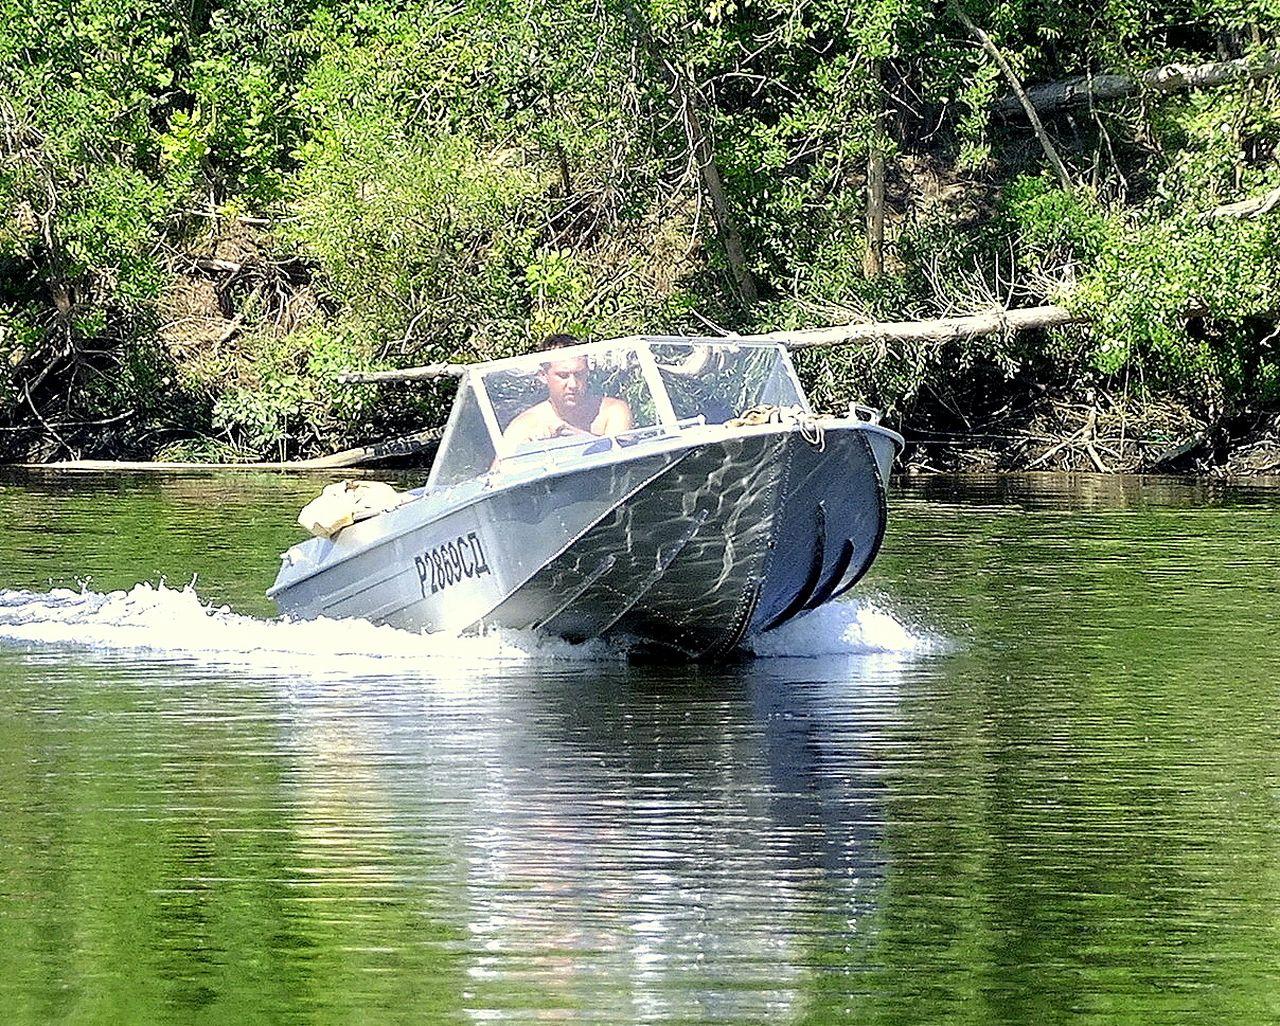 исследования, смотреть фото тюнинг моторной лодки лэйк были зачесаны